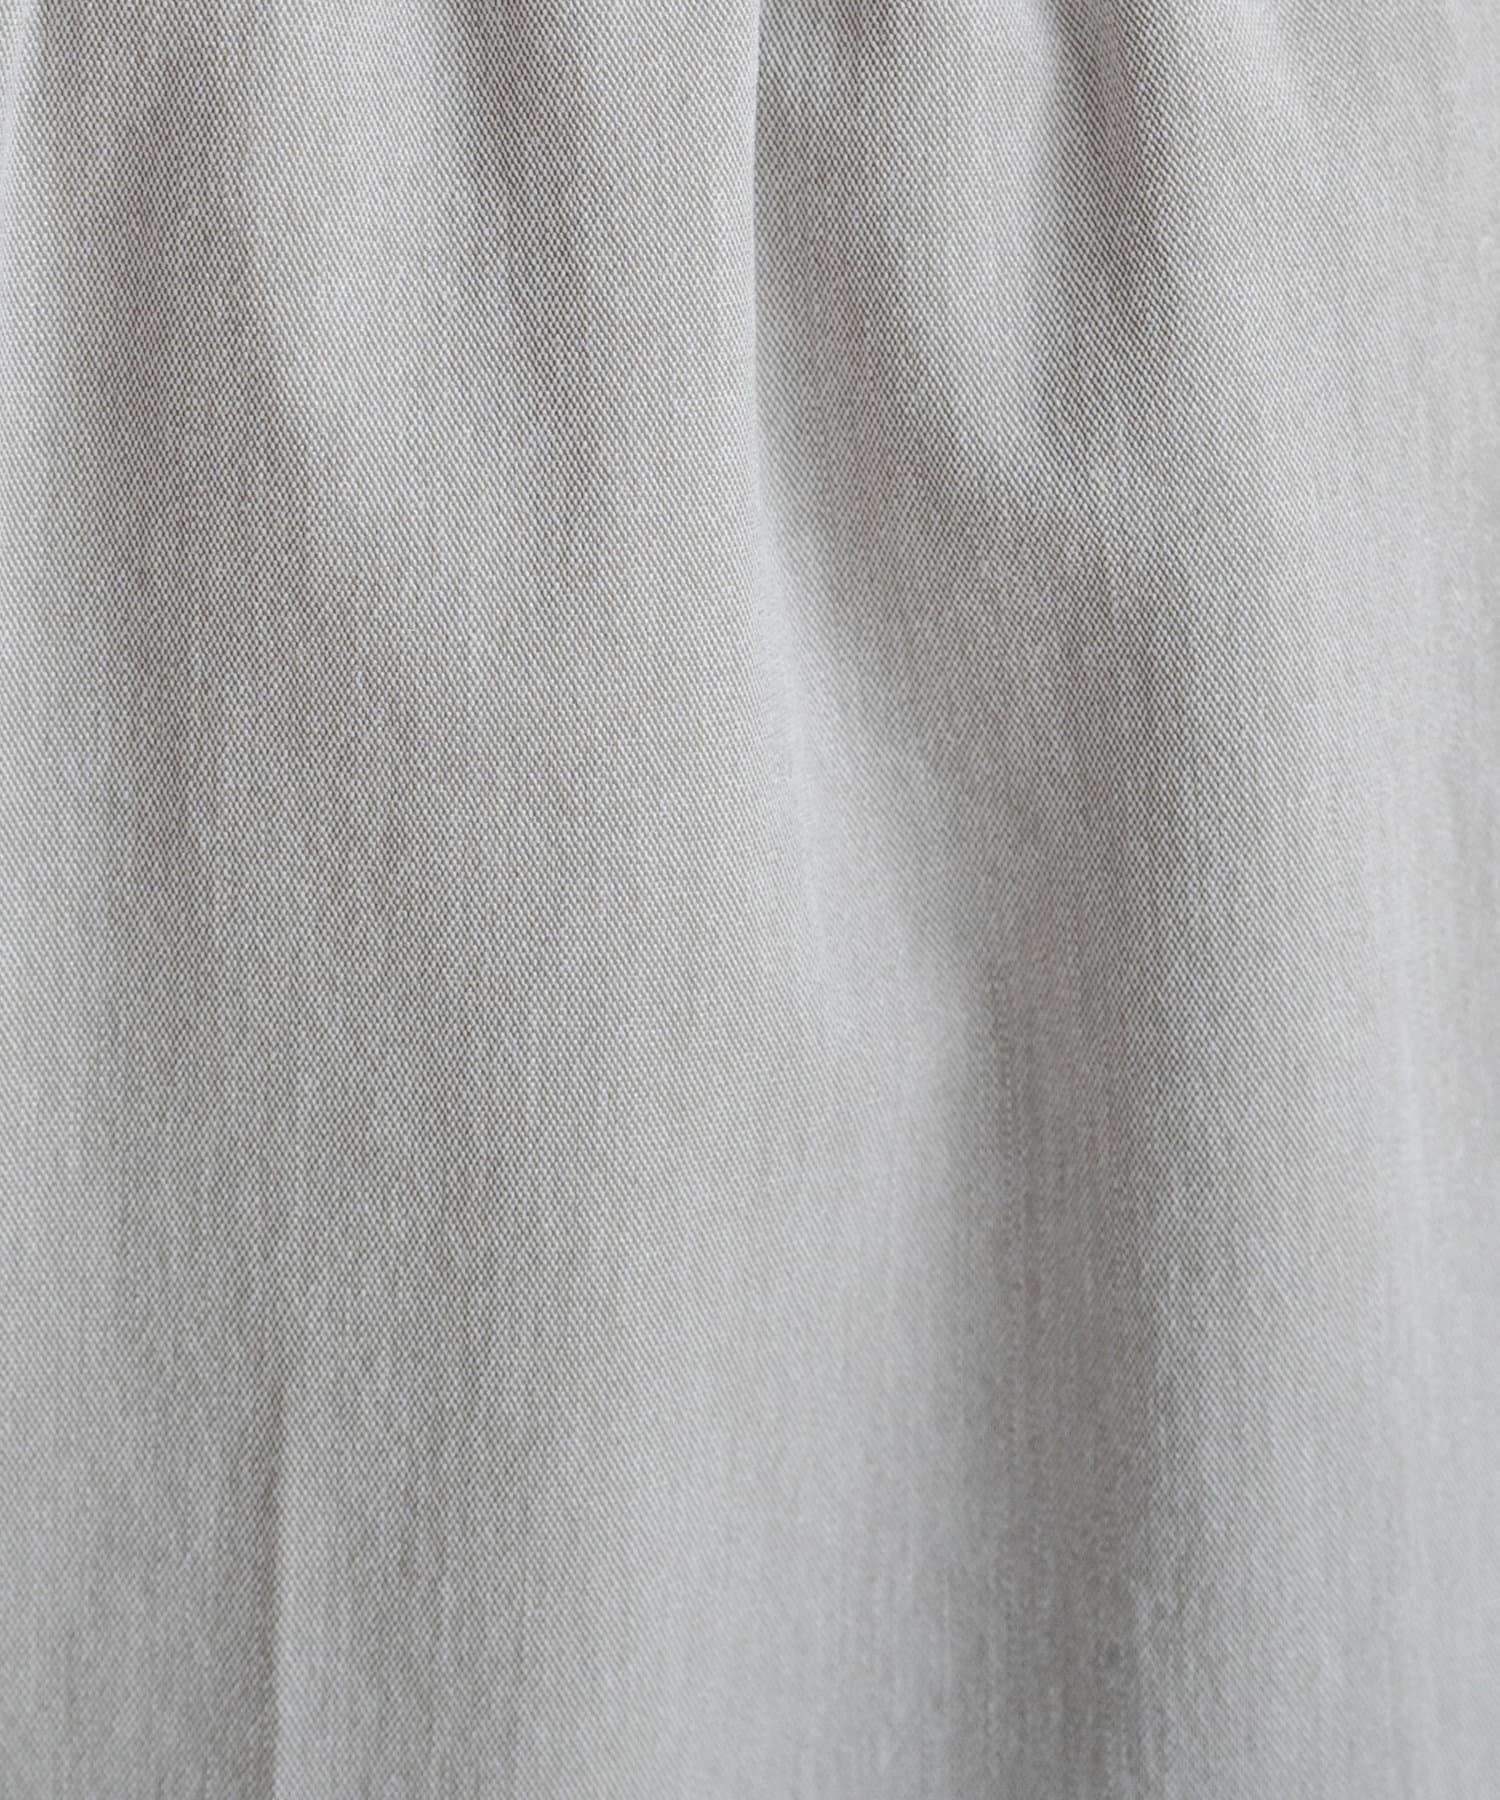 Loungedress(ラウンジドレス) シャンブレーゴムパンツ